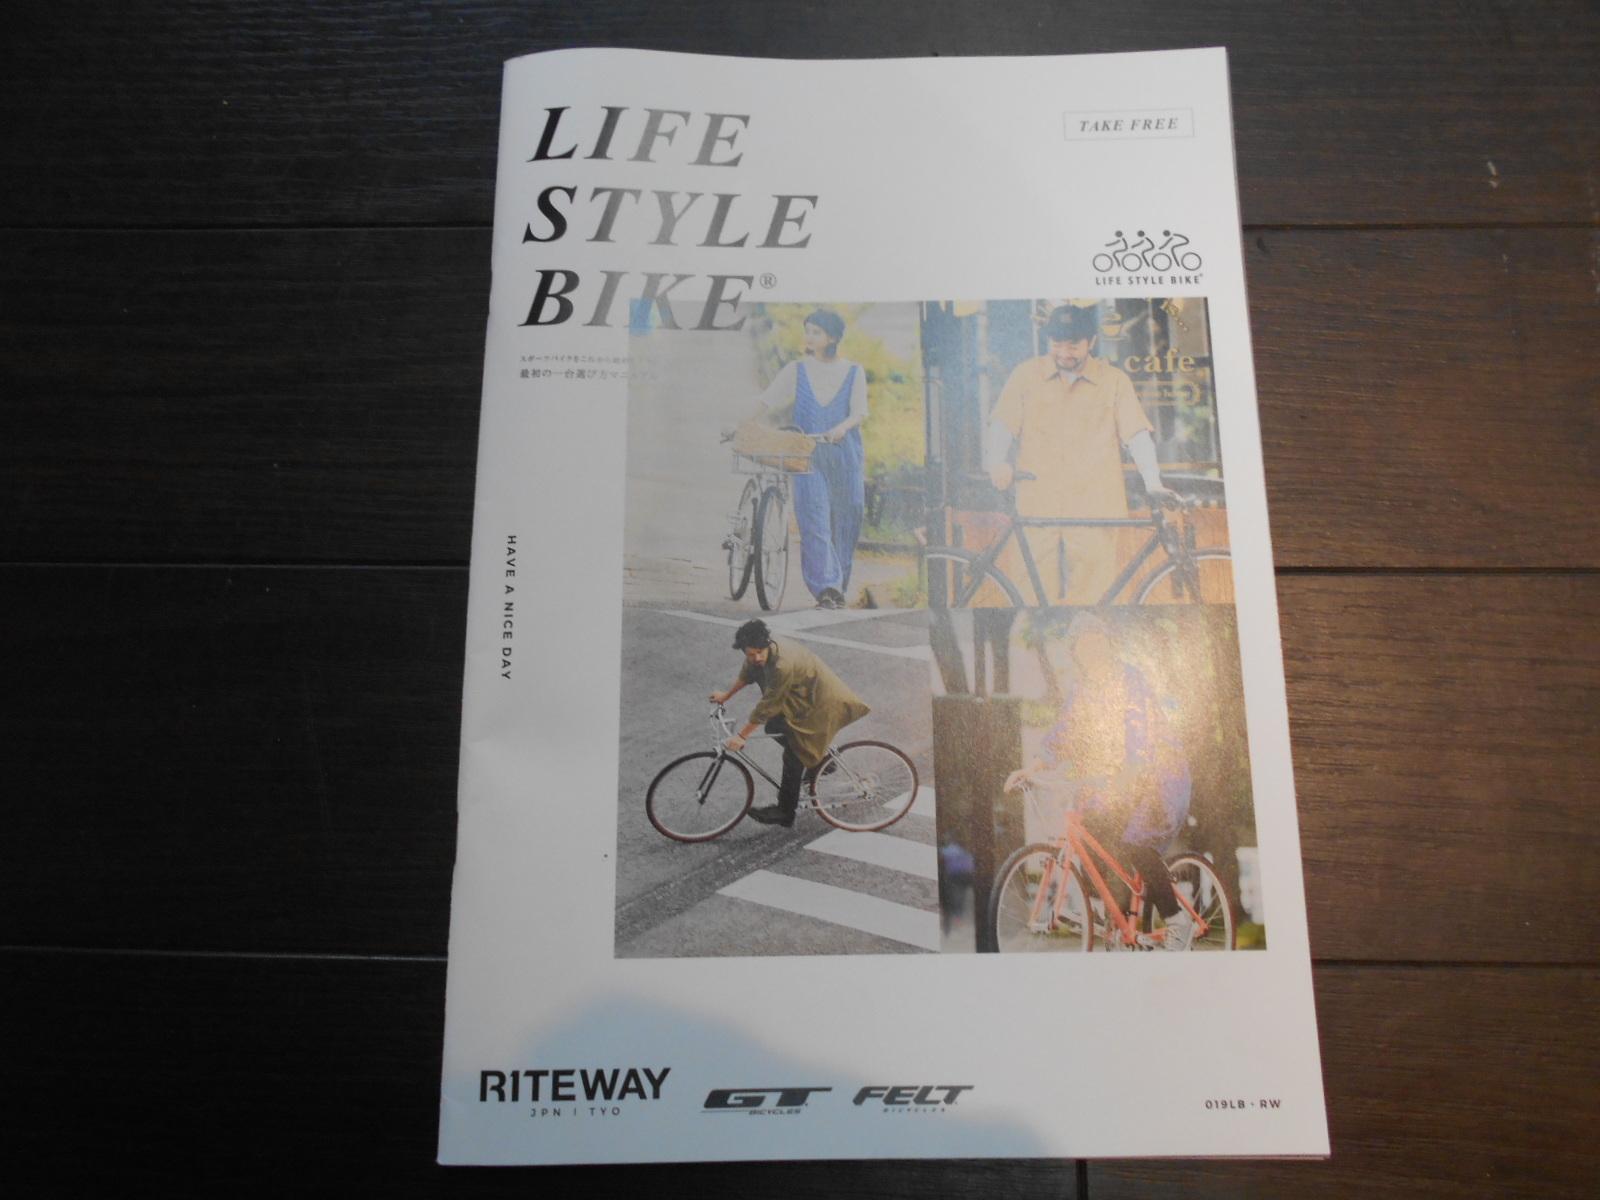 RITEWAYのカタログが来ました_b0189682_18252842.jpg